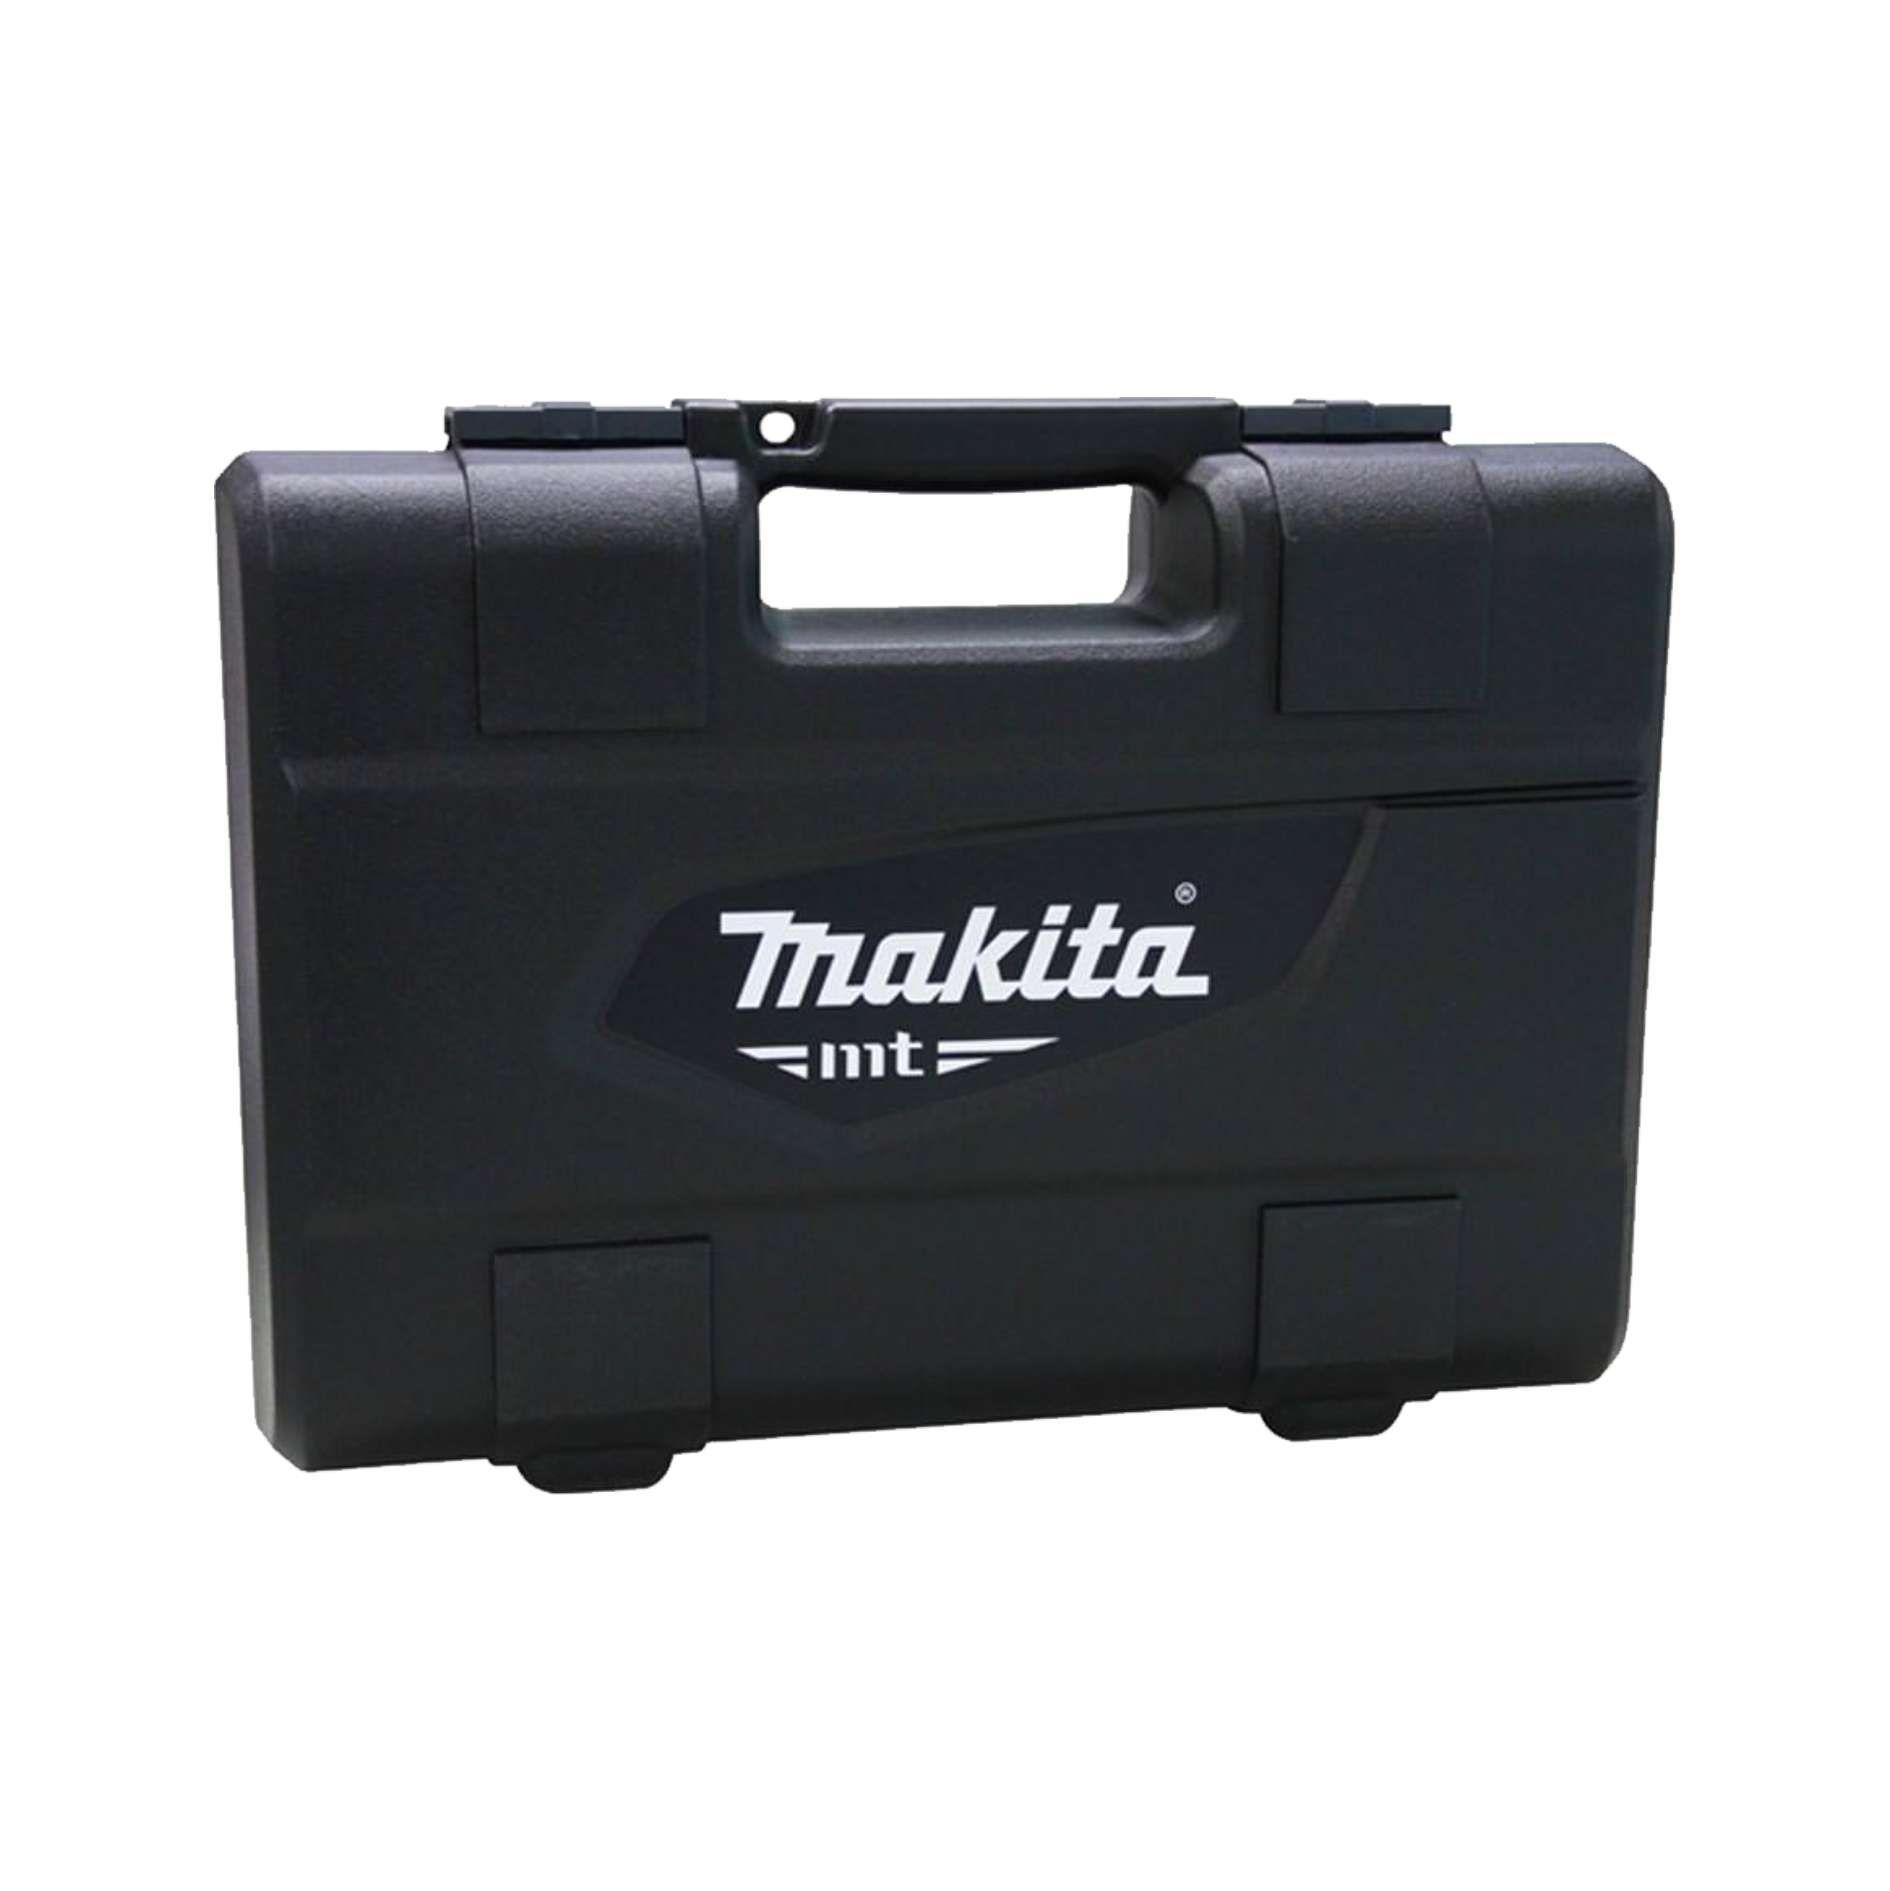 Combo Ferramentas Makita MTK0001GX1 Martelete Rolativo M8700 Esmerilhadeira Angular M0901 e jogo de Brocas